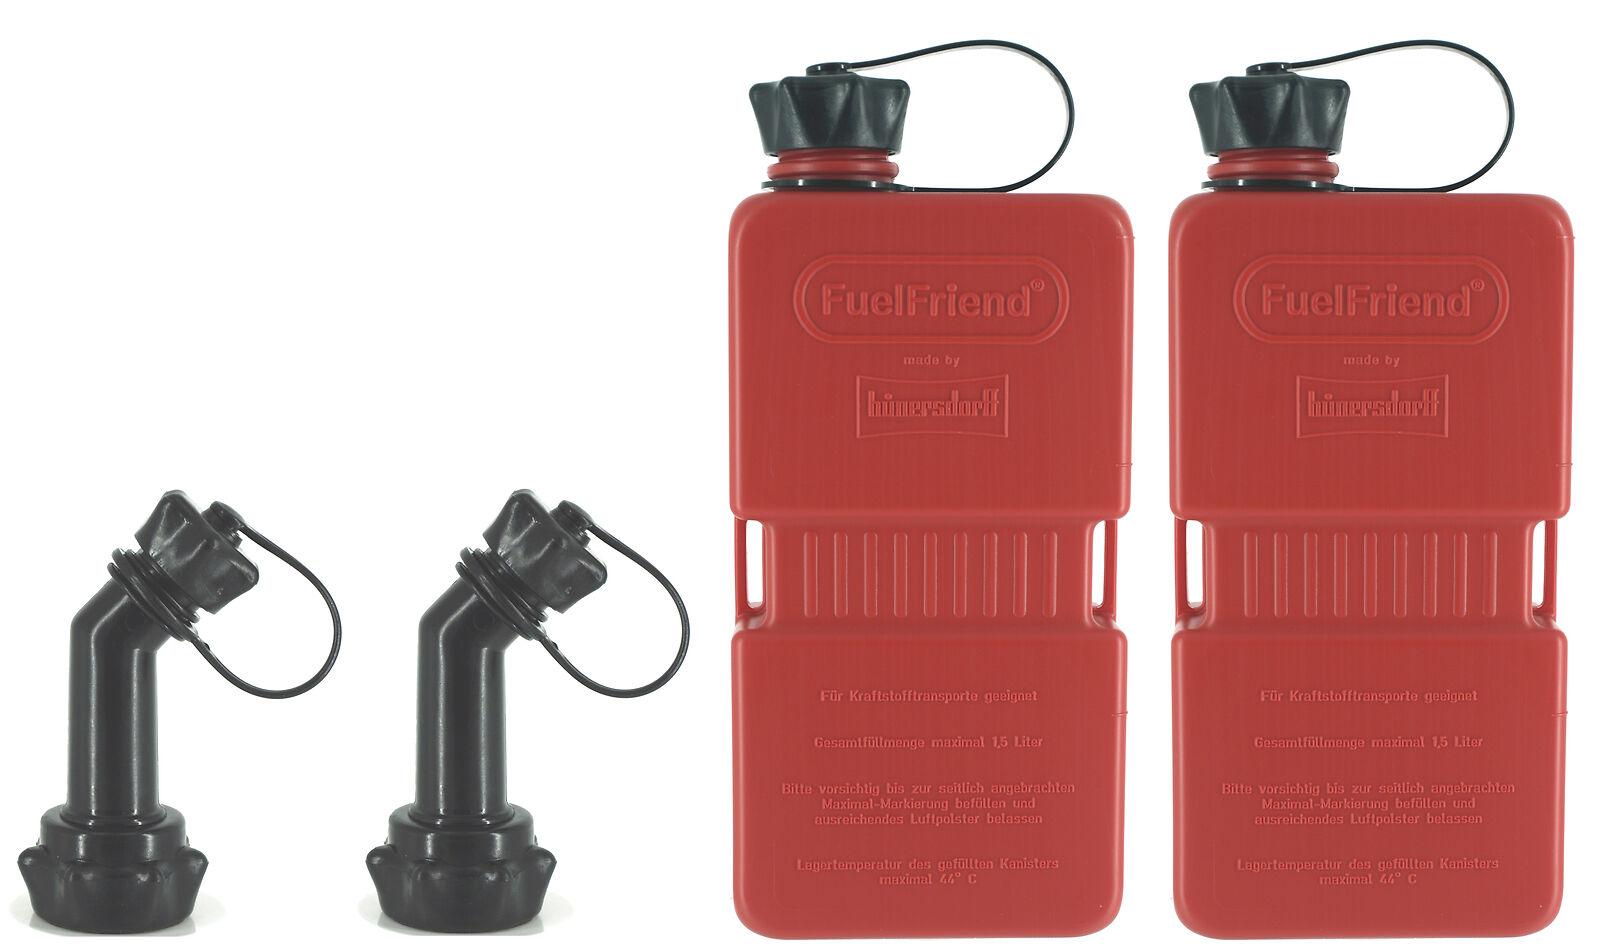 2x Fuelfriend-plus 1,5 Liter Mini-reservekanister + Füllrohr Verschließbar 0